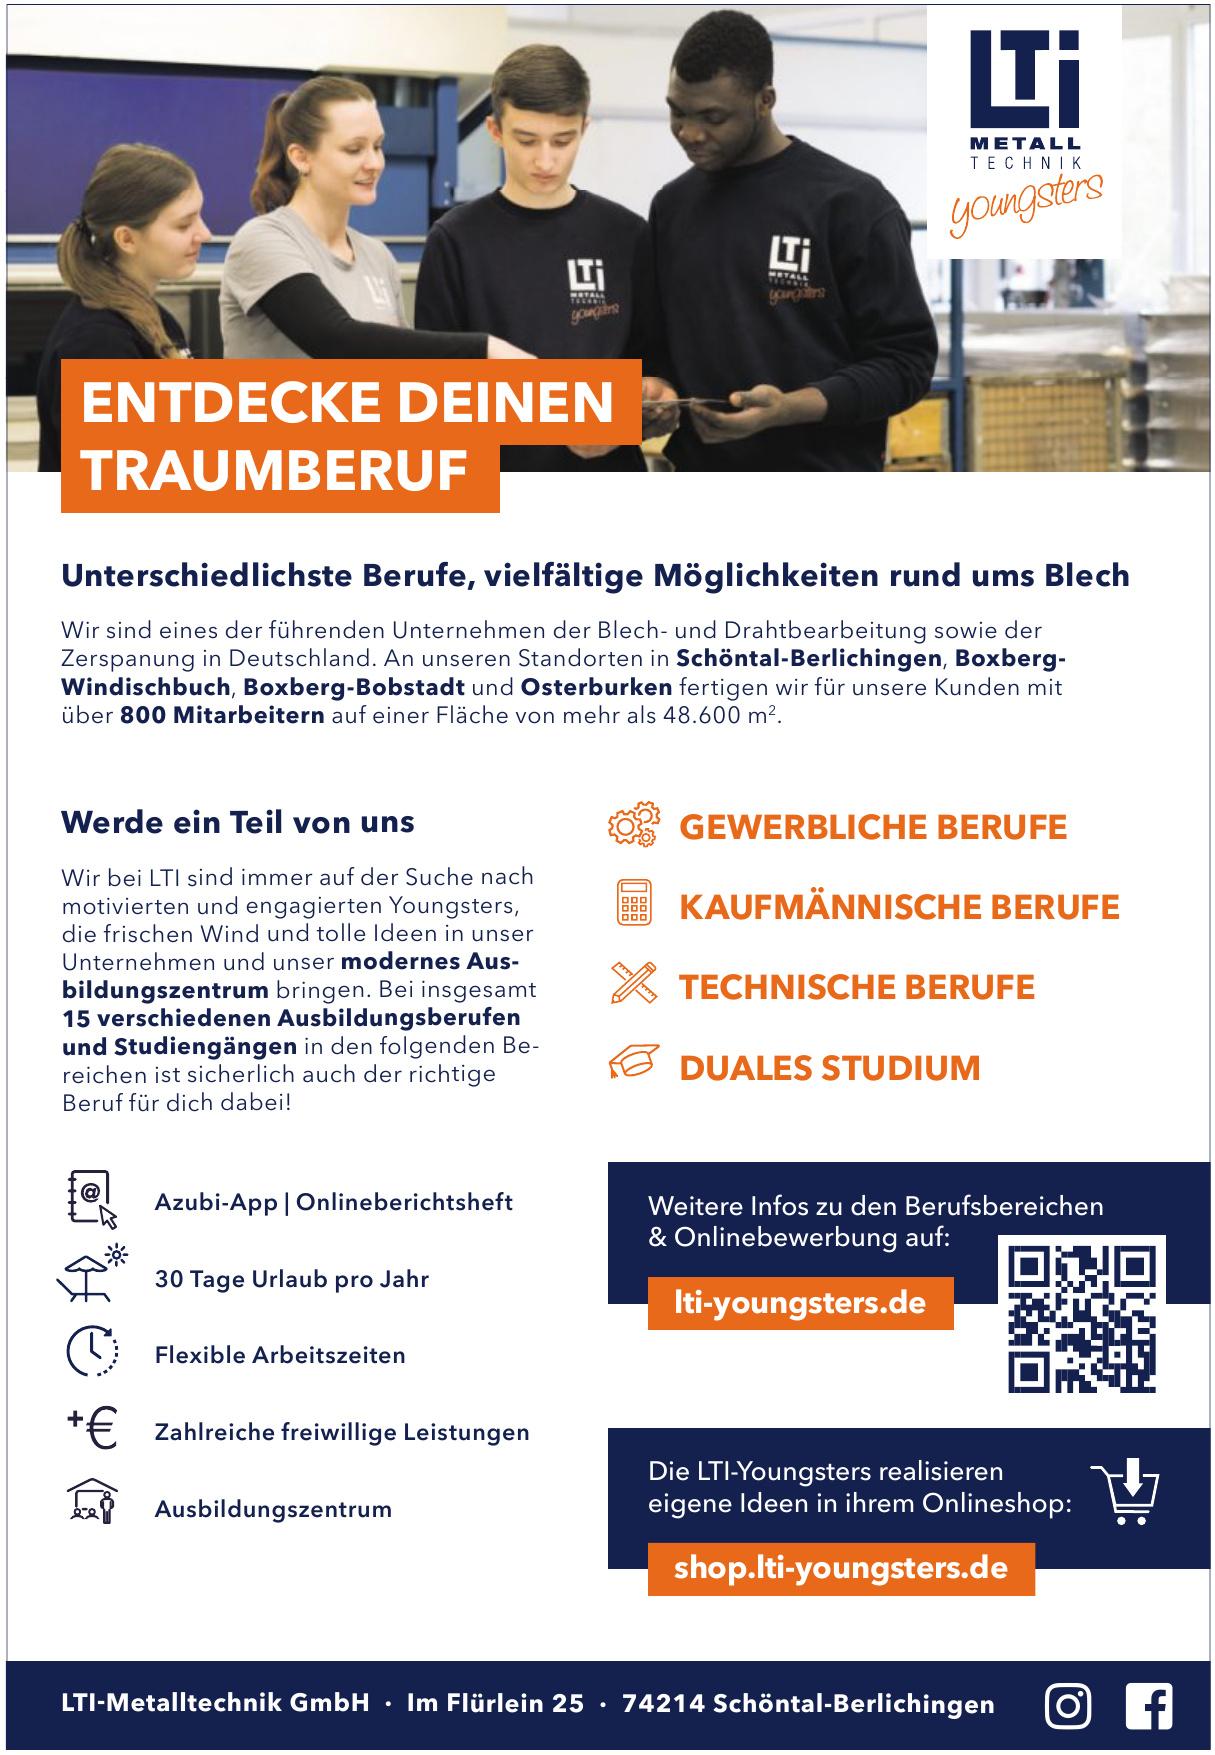 LTI-Metalltechnik GmbH